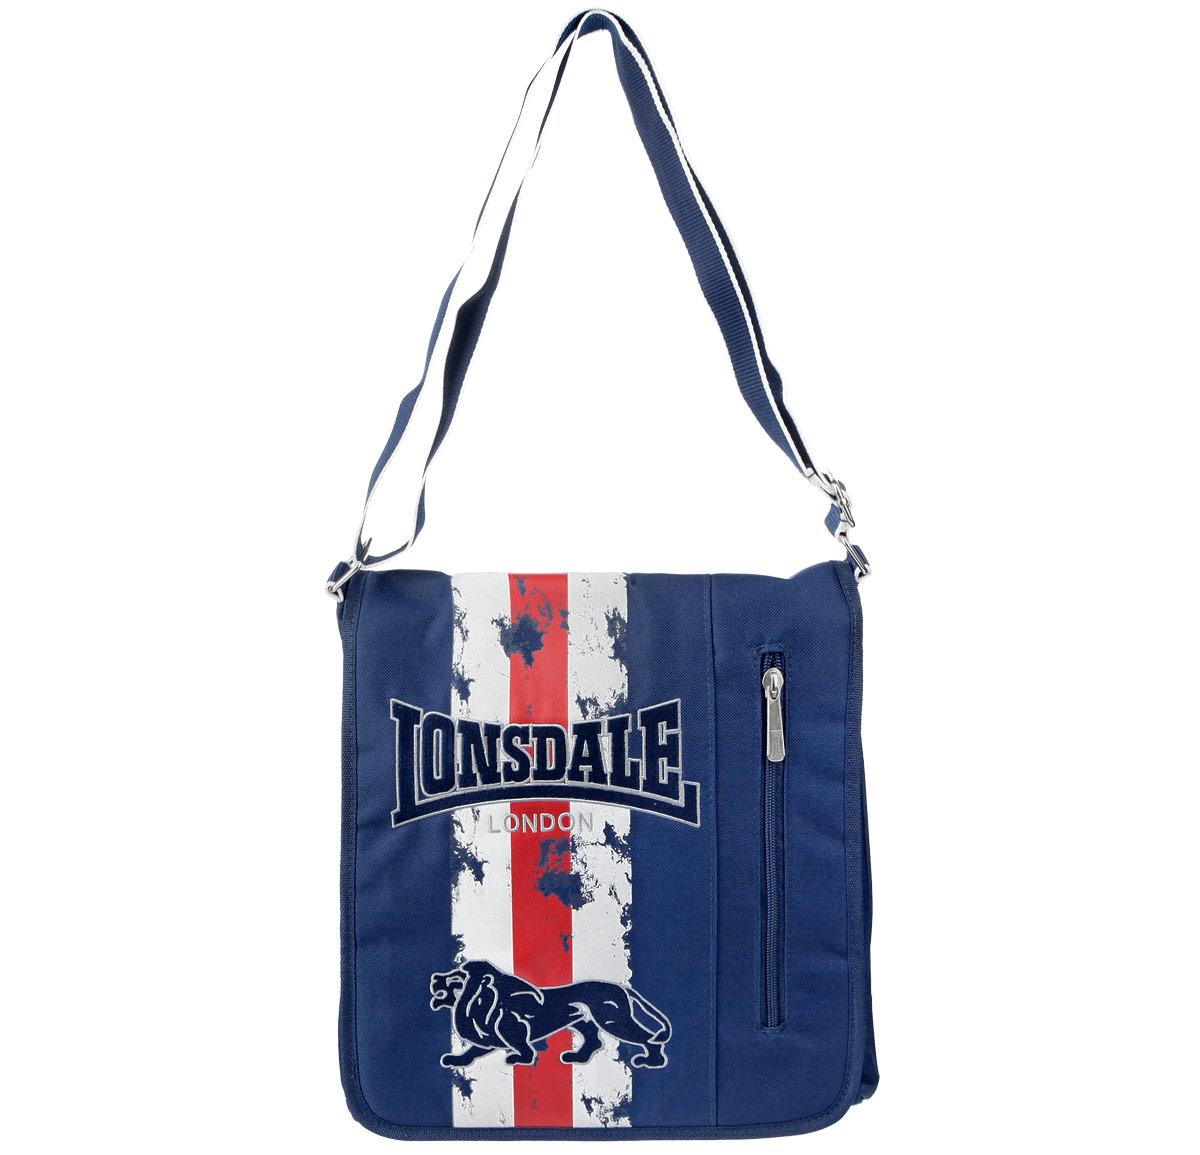 Сумка молодежная Lonsdale, цвет: синий72523WDОригинальная молодежная сумка Lonsdale прекрасно подойдет для учебы, занятий спортом и повседневных дел. Стильная, легкая и удобная сумка с ярким принтом станет незаменимым аксессуаром. Вместительное внутреннее отделение закрывается на клапан с кнопкой, в него поместятся все необходимые школьные принадлежности или спортивная форма. На самом клапане вместительный карман на молнии. Внутри сумки карман на молнии и два открытых кармана. На задней стороне большой открытый карман, вмещающий формат A4. Плотная и широкая лямка свободно регулируется по длине, что позволяет носить сумку школьникам разного возраста. Лаконичный и сдержанный дизайн подчеркнет индивидуальность и порадует своей функциональностью.